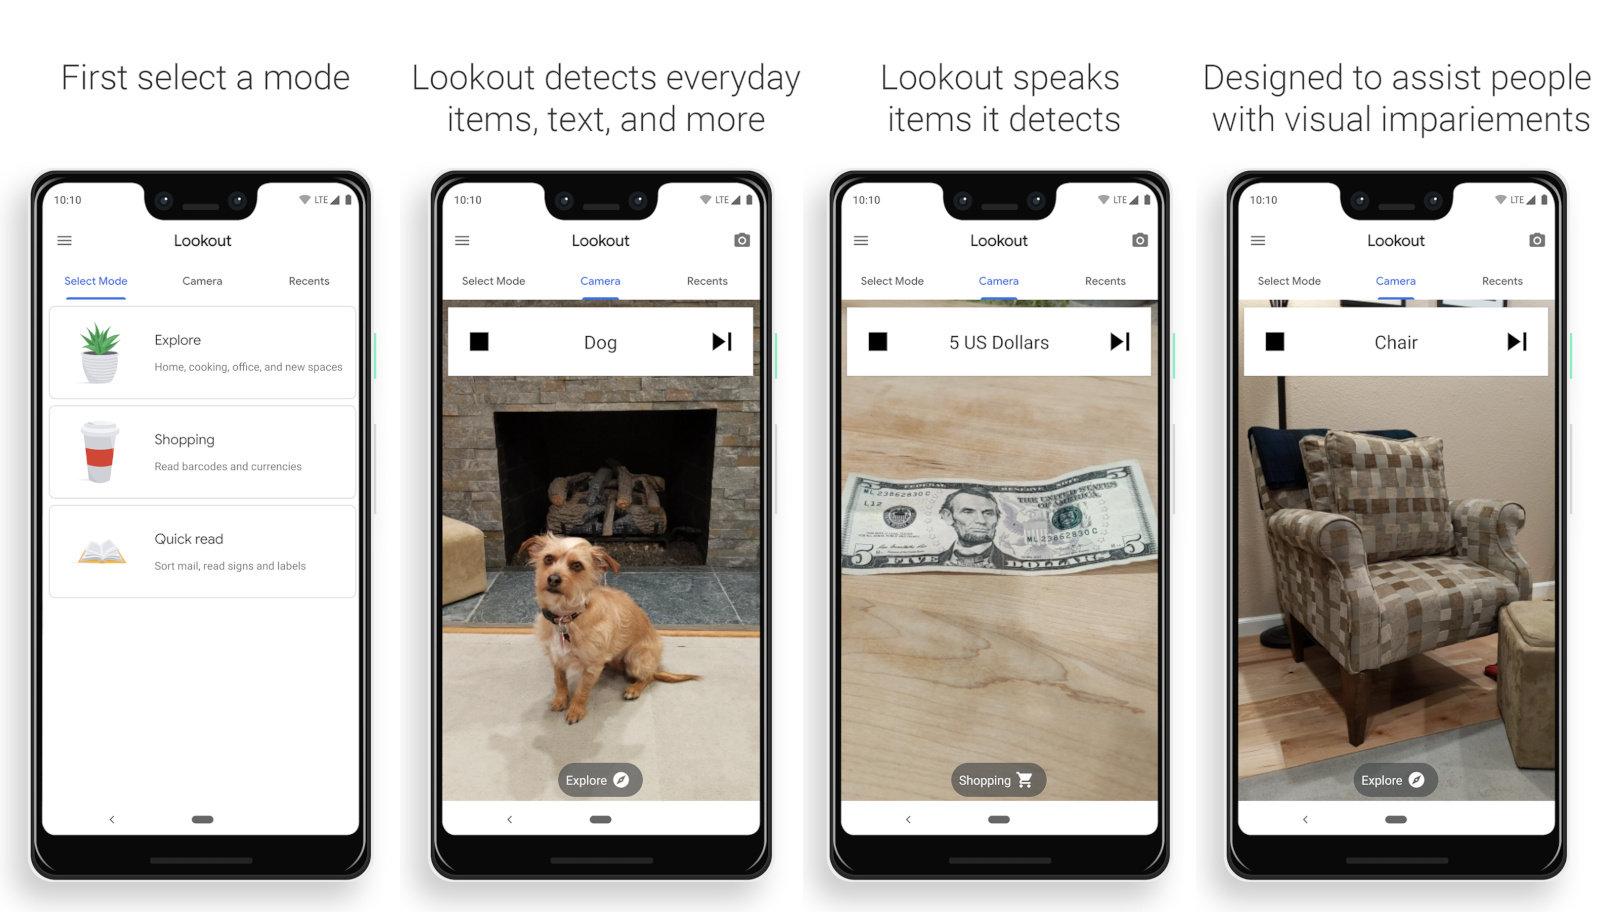 谷歌新应用帮助视障用户使用手机识别物体或阅读文本